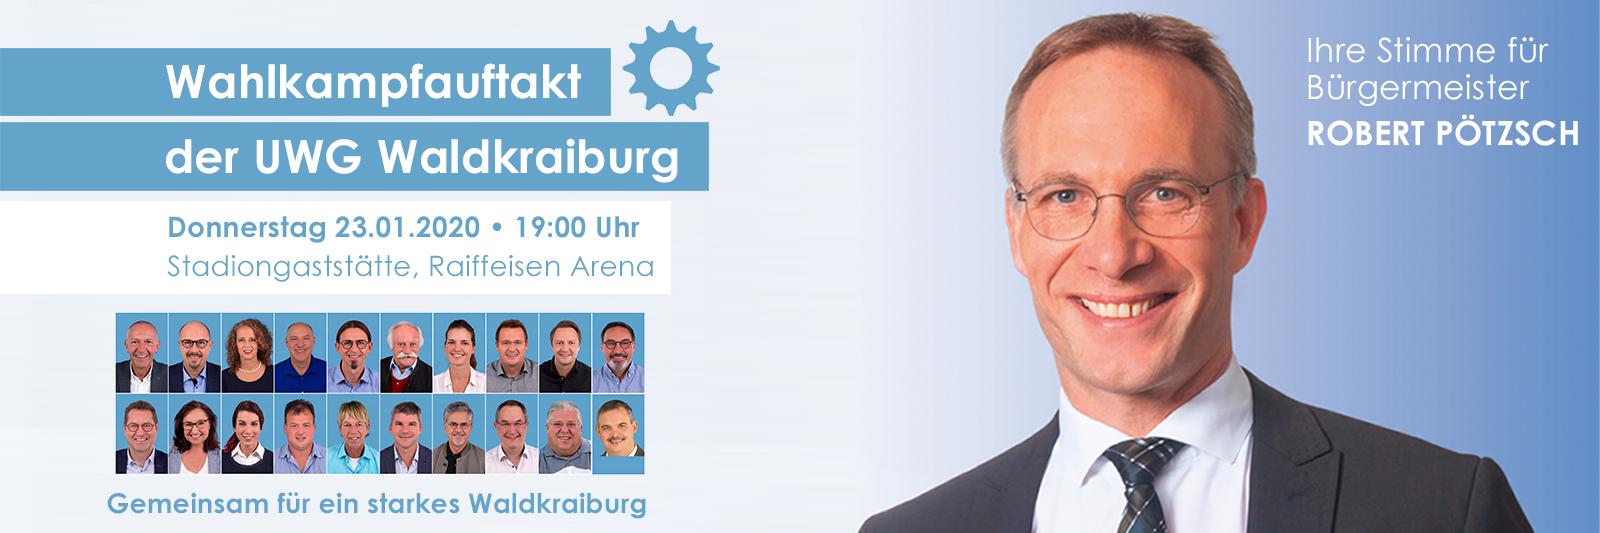 Wahlkampfauftakt der UWG Waldkraiburg